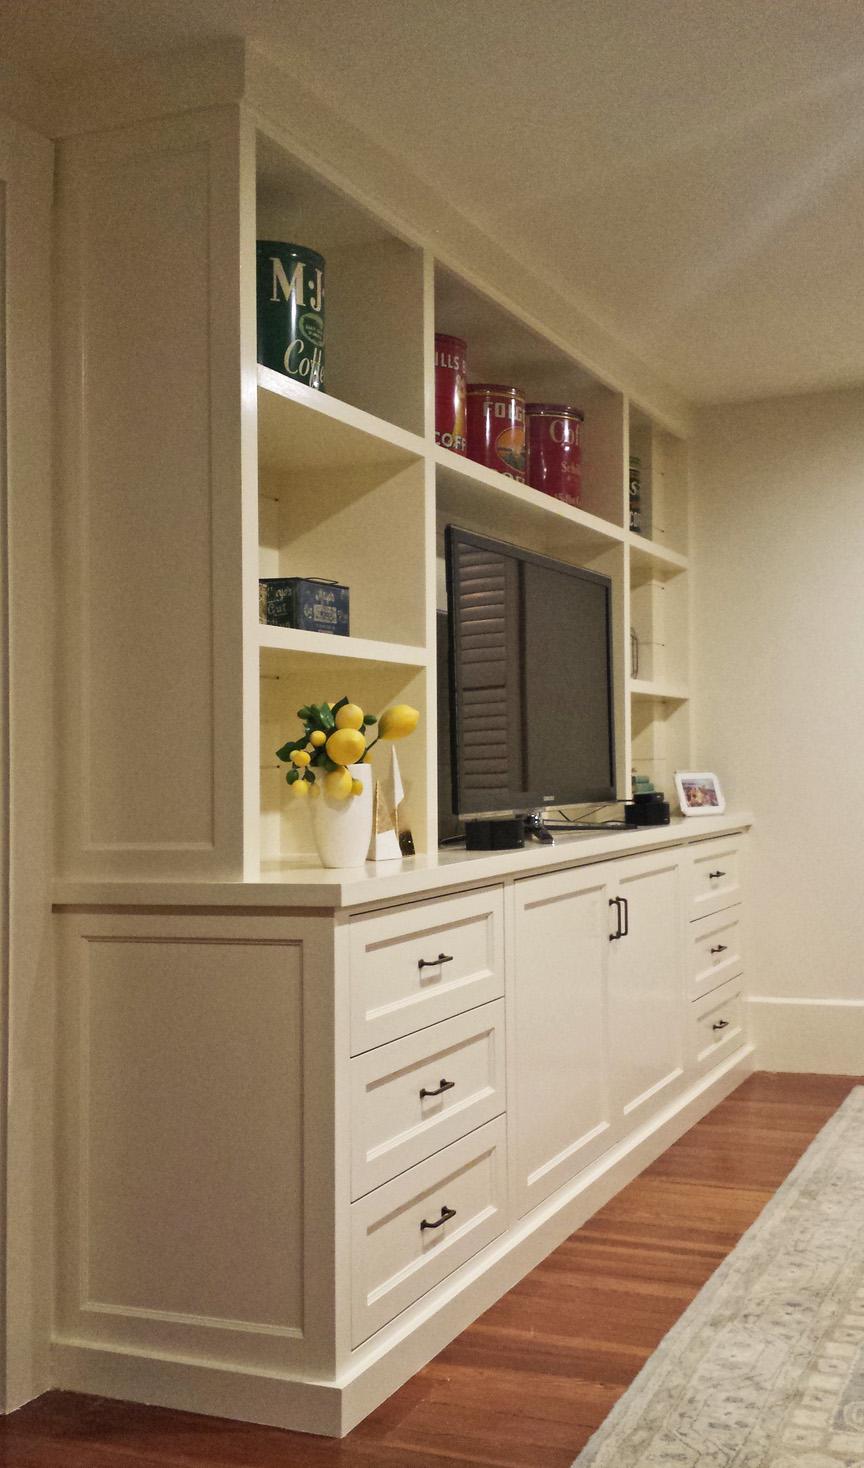 media centers sj sallinger designs. Black Bedroom Furniture Sets. Home Design Ideas